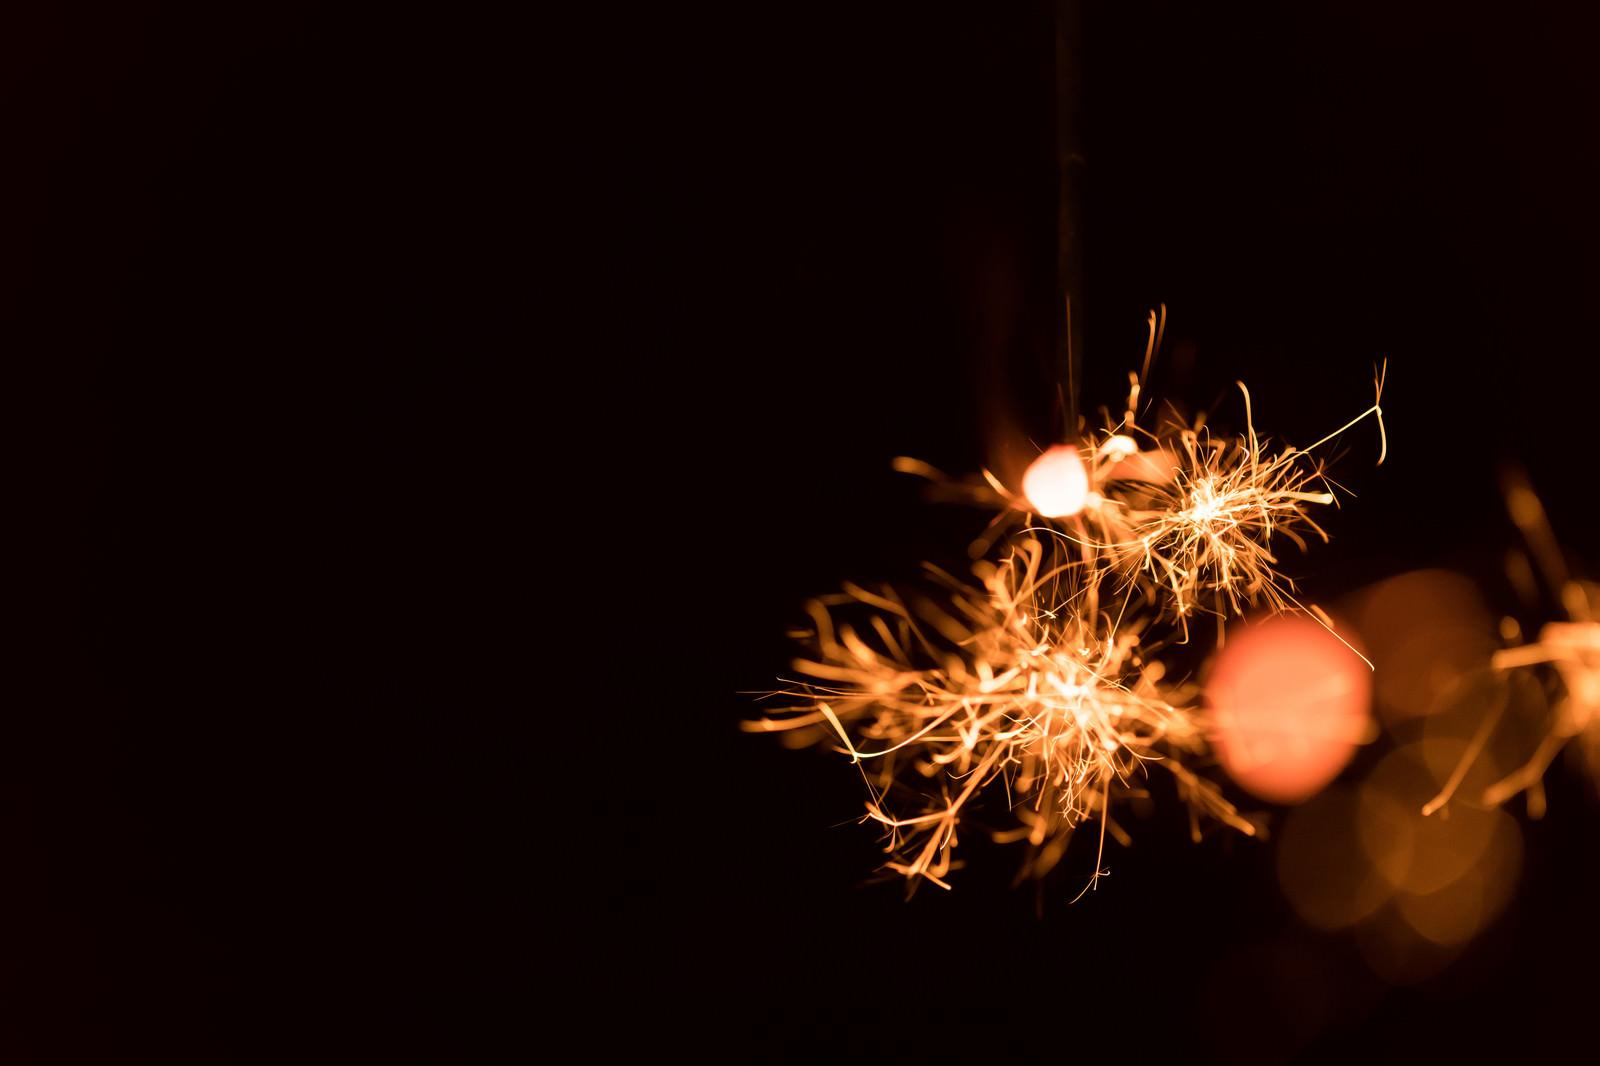 「せんこう花火の飛び散る明かり」の写真